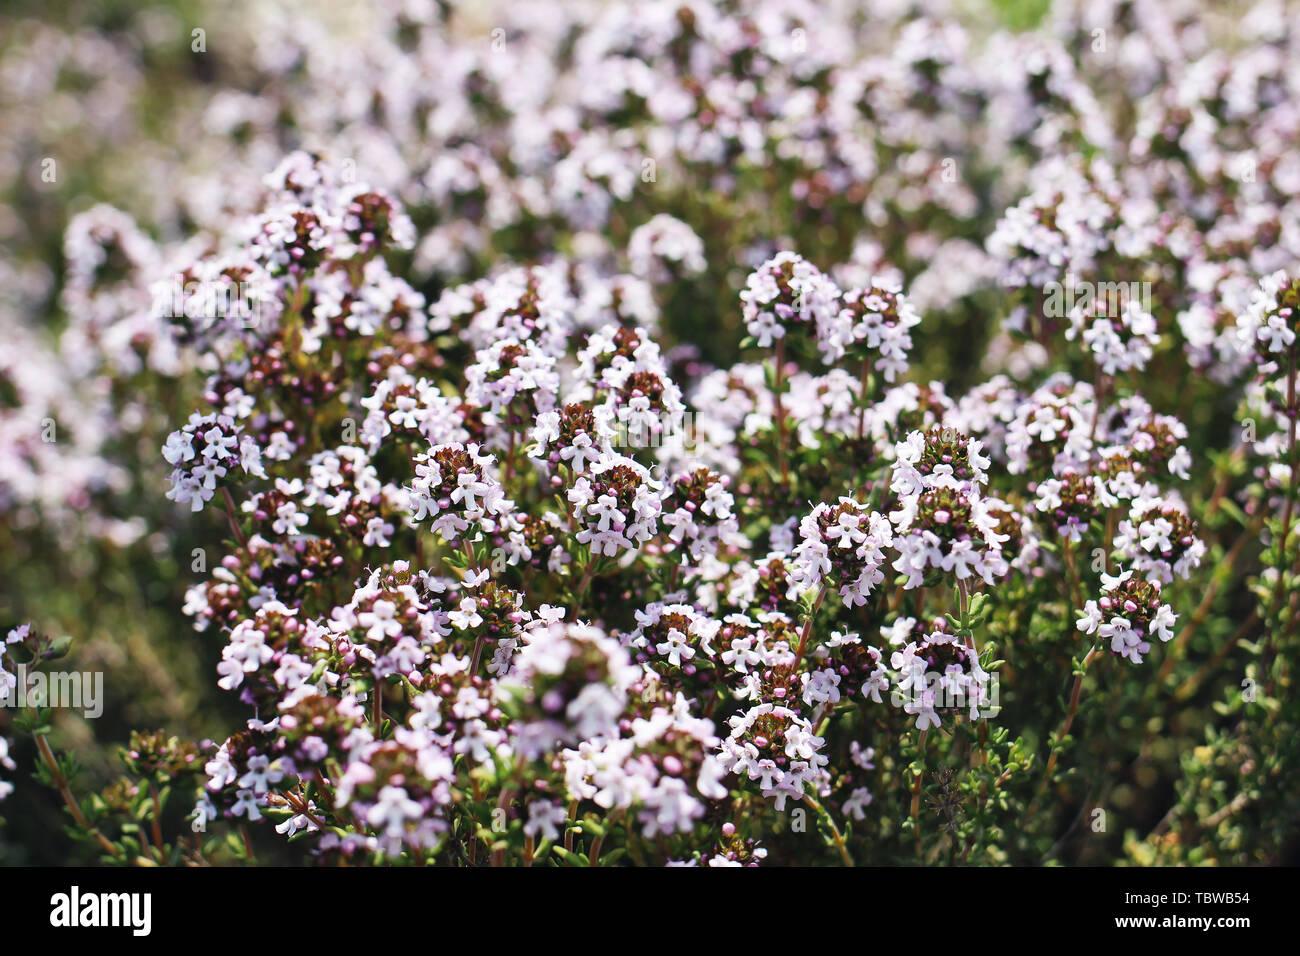 Etwas Neues genug Blühender Thymian Stockfotos & Blühender Thymian Bilder - Alamy @TX_81